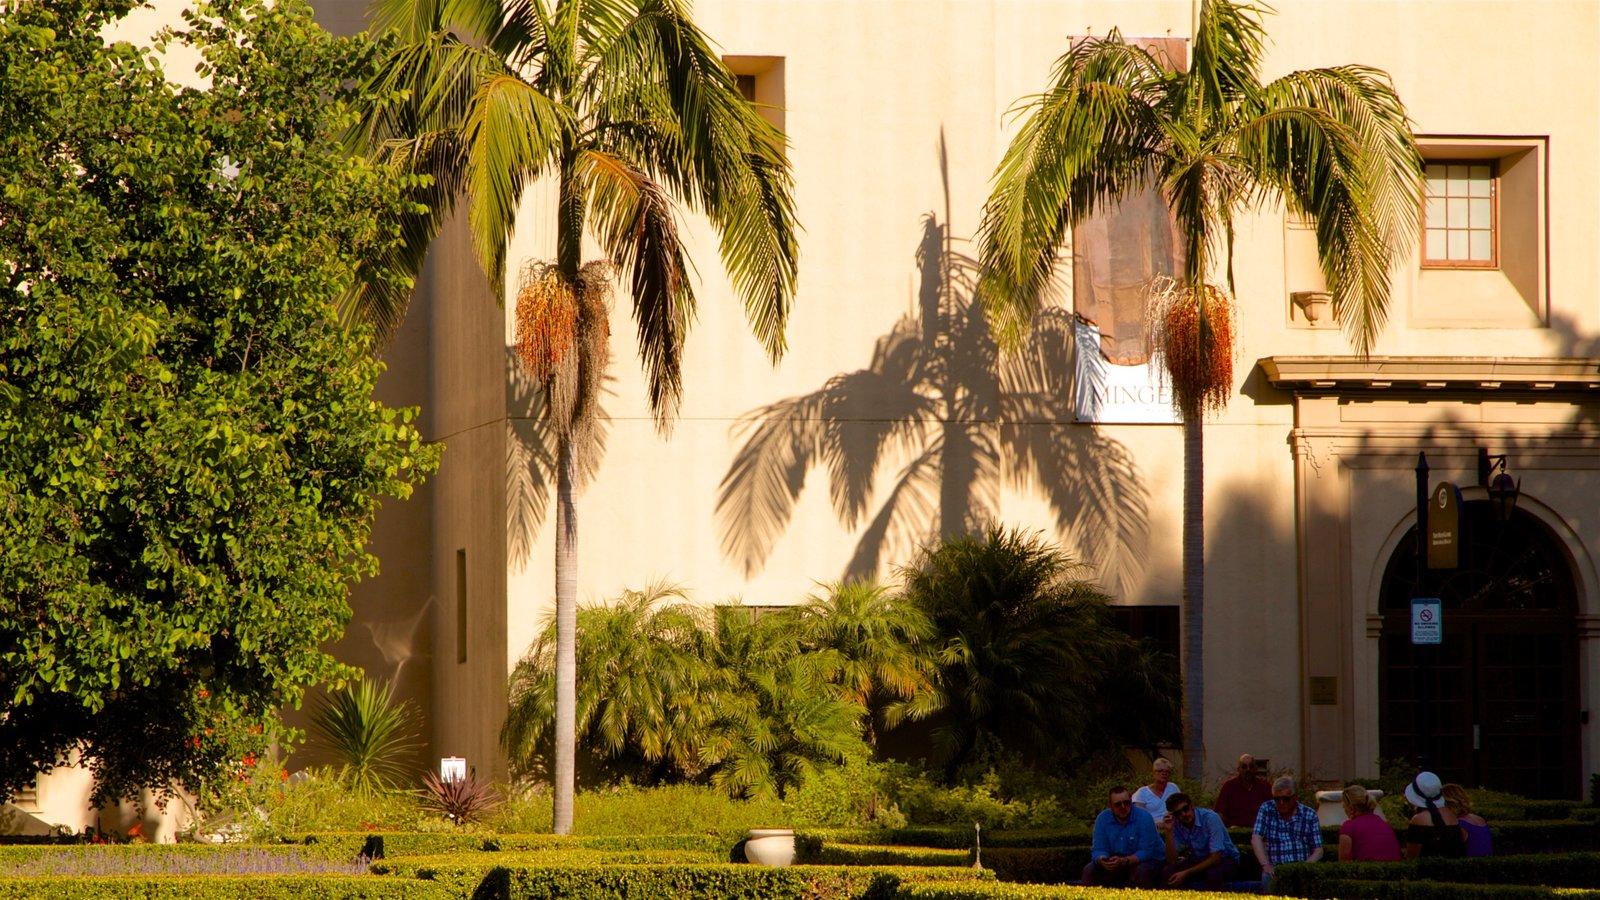 Alcazar Garden mostrando um jardim assim como um pequeno grupo de pessoas